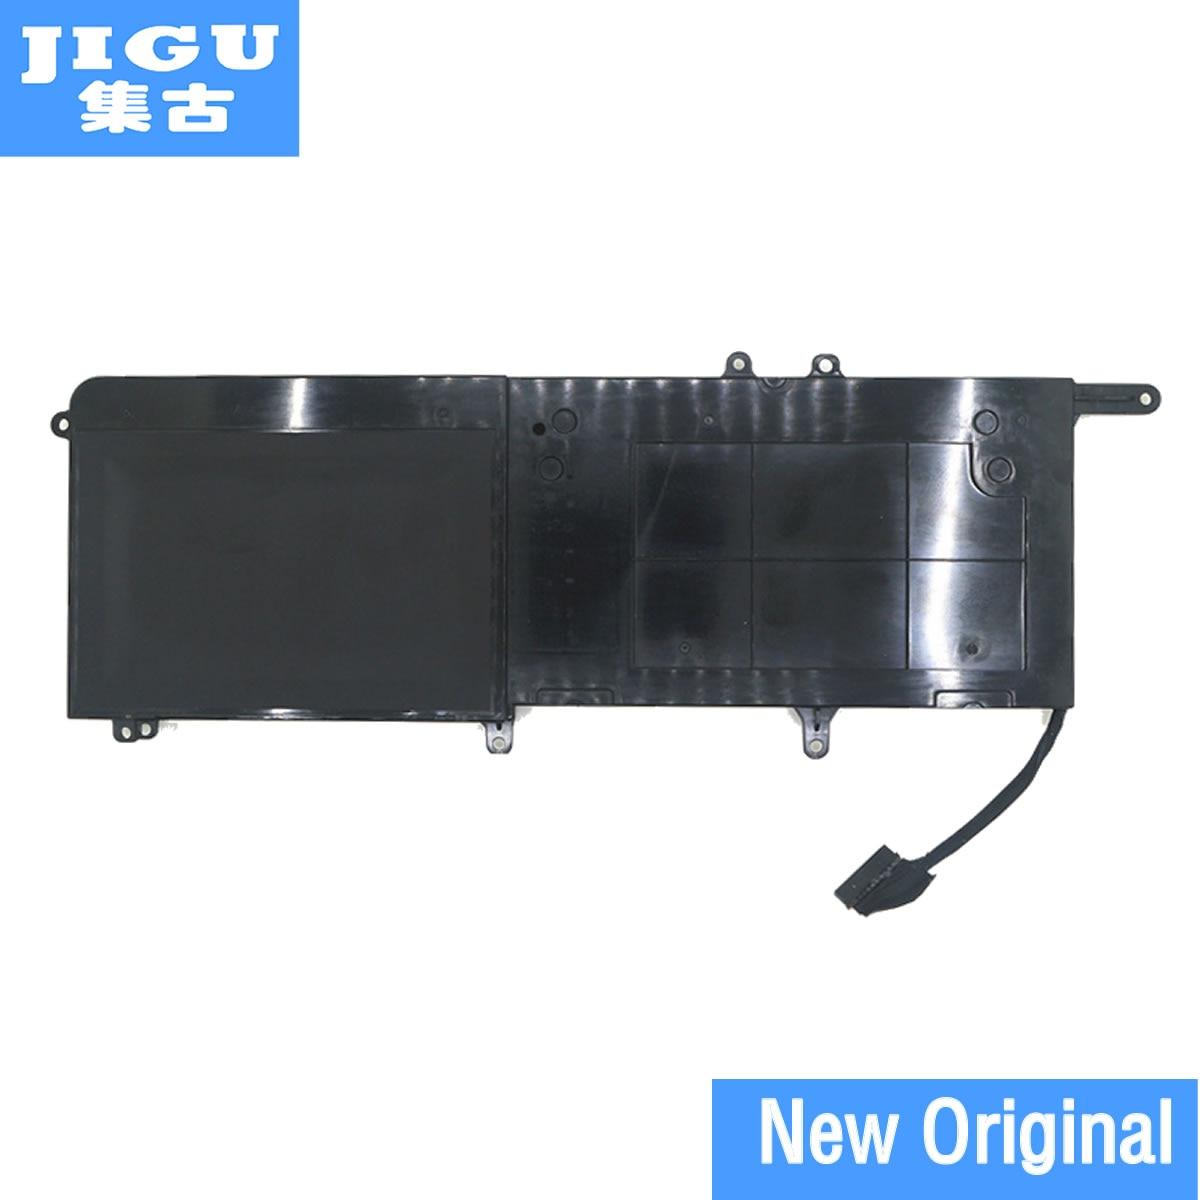 Amicable Jigu 11.4v 99wh Original Laptop Battery 01d82 9njm1 Mg2yh For Dell Alienware 17 R4 Alw17c-d1738 Alw17c-d1748 D1758 D1848 D2358 Volume Large